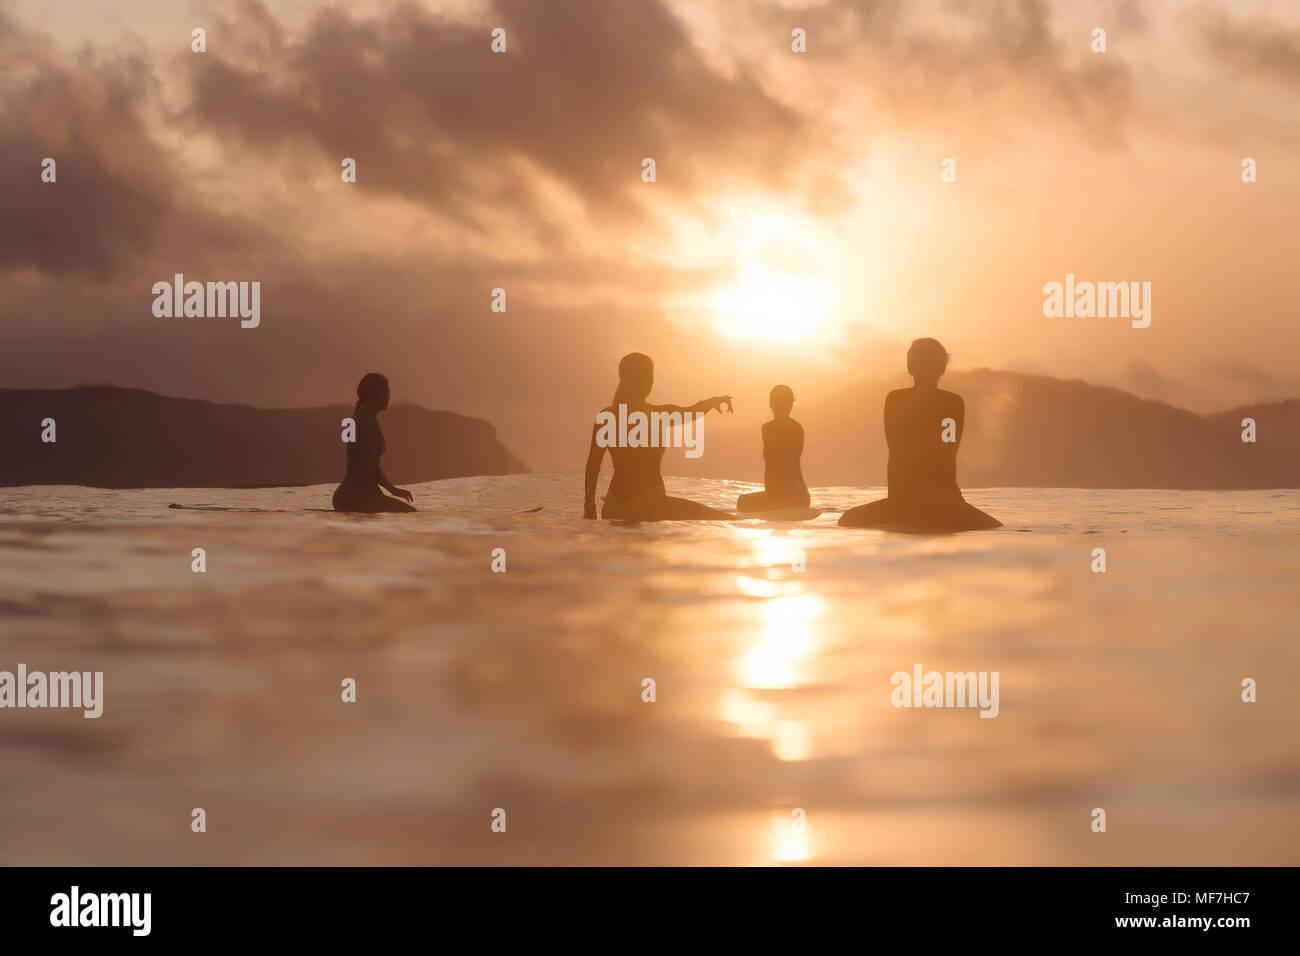 L'Indonésie, Lombok, groupe de surfeurs assis sur des planches au coucher du soleil Photo Stock